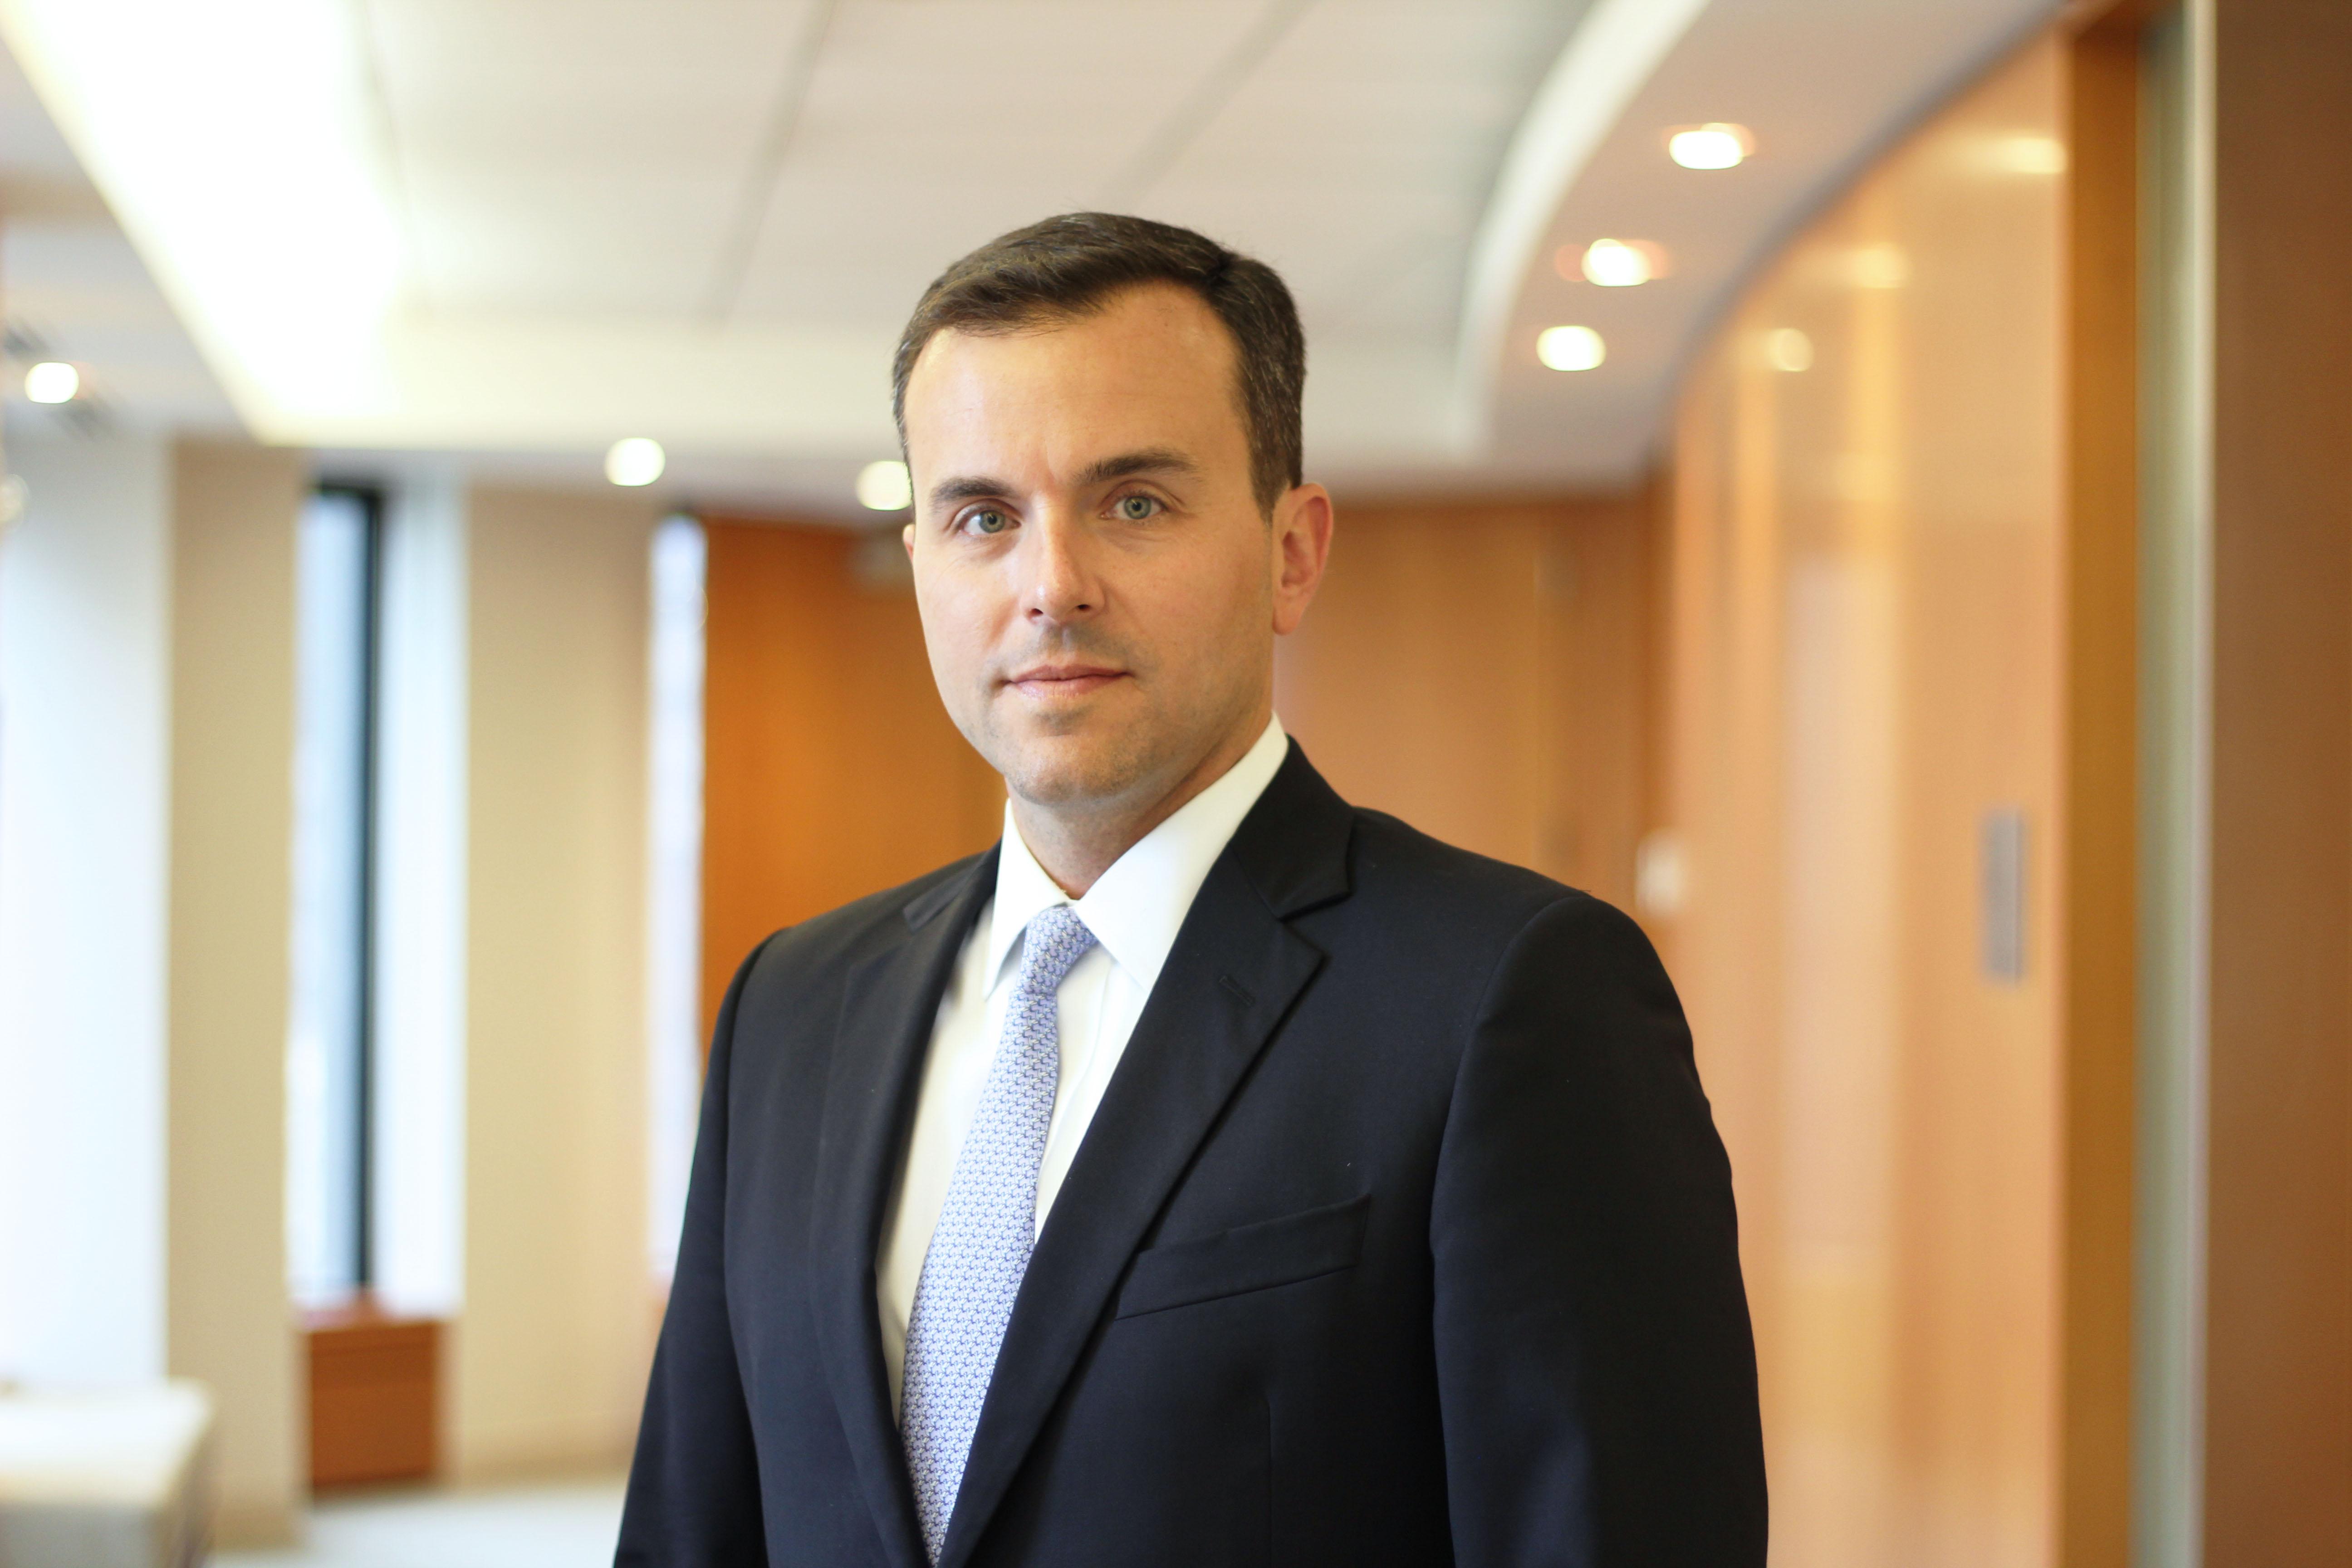 Andrew investment banking oppenheimer sunbridge investment management